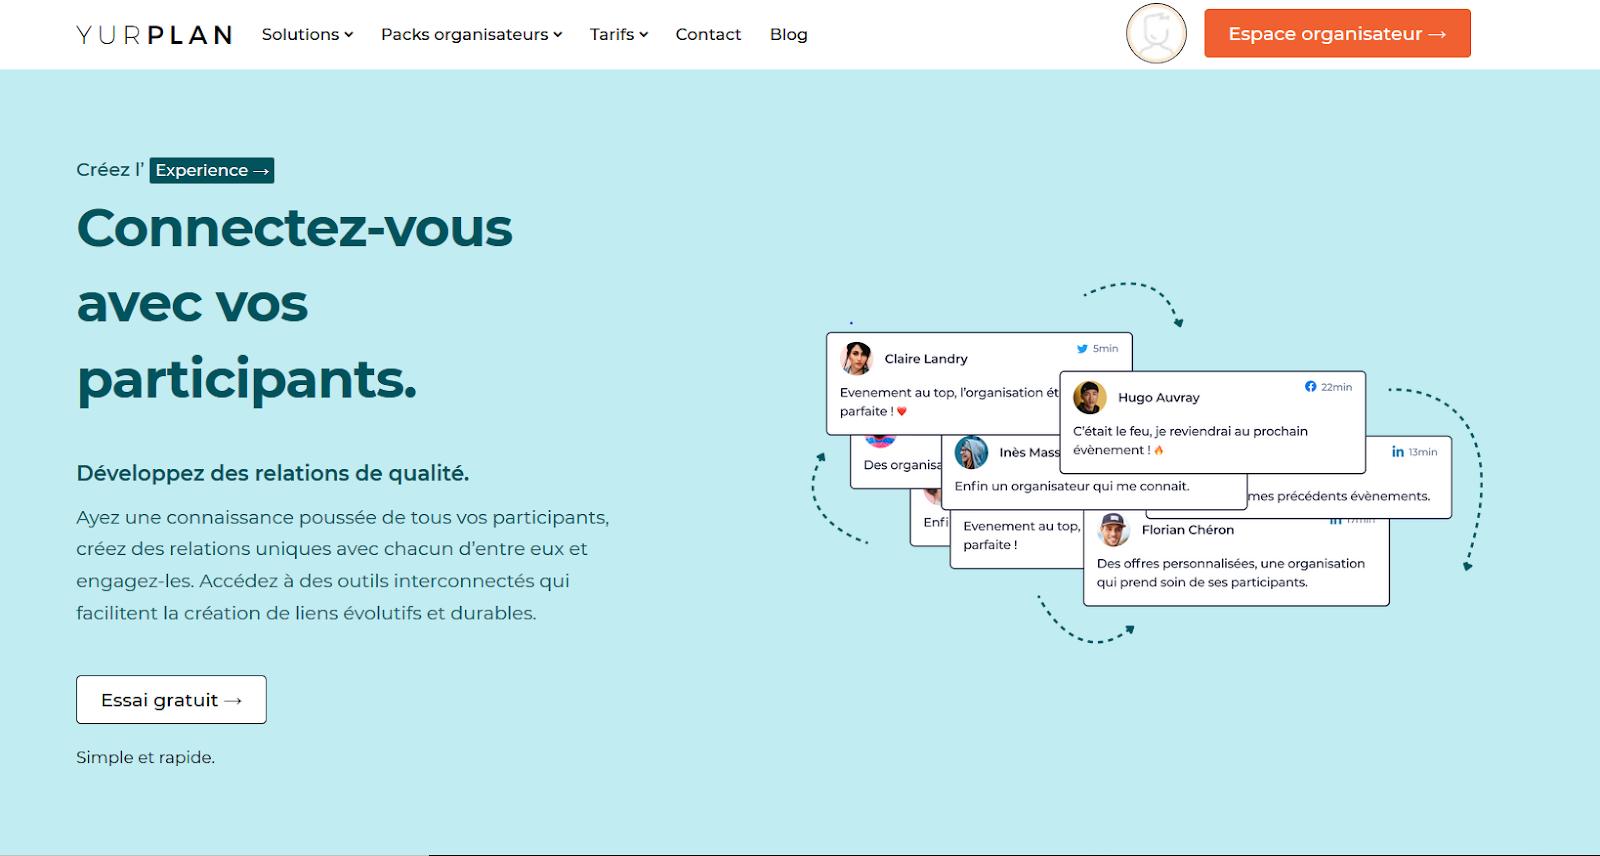 Photo d'un page du site Yurplan présentant l'abonnement Experience et son outil crm